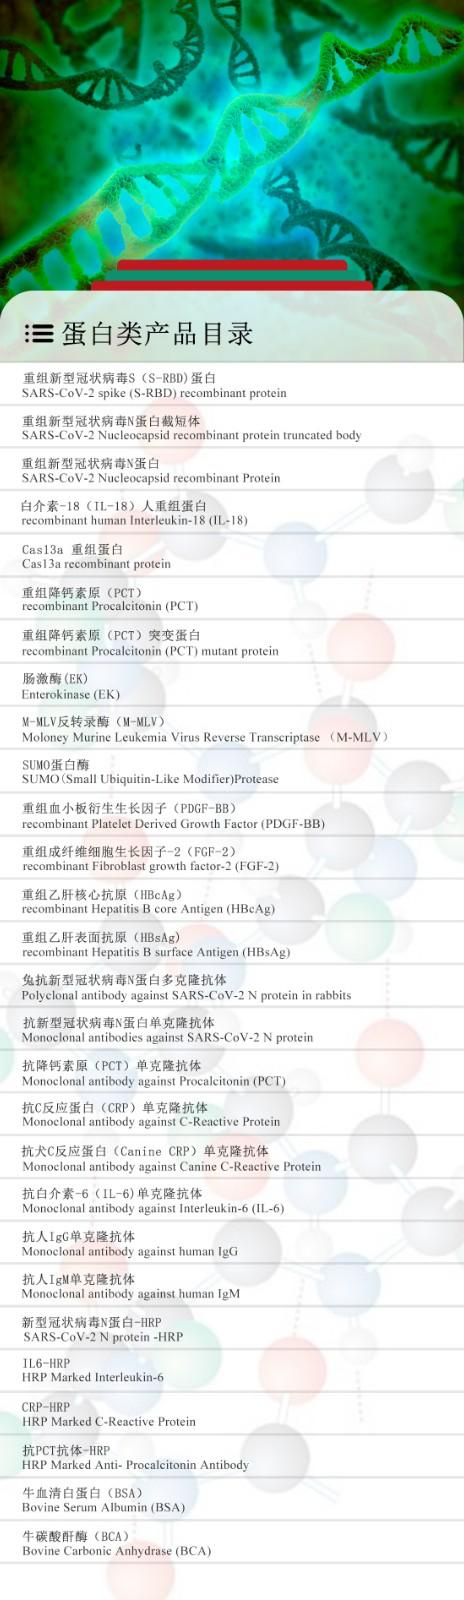 蛋白类产品目录-最新.jpg